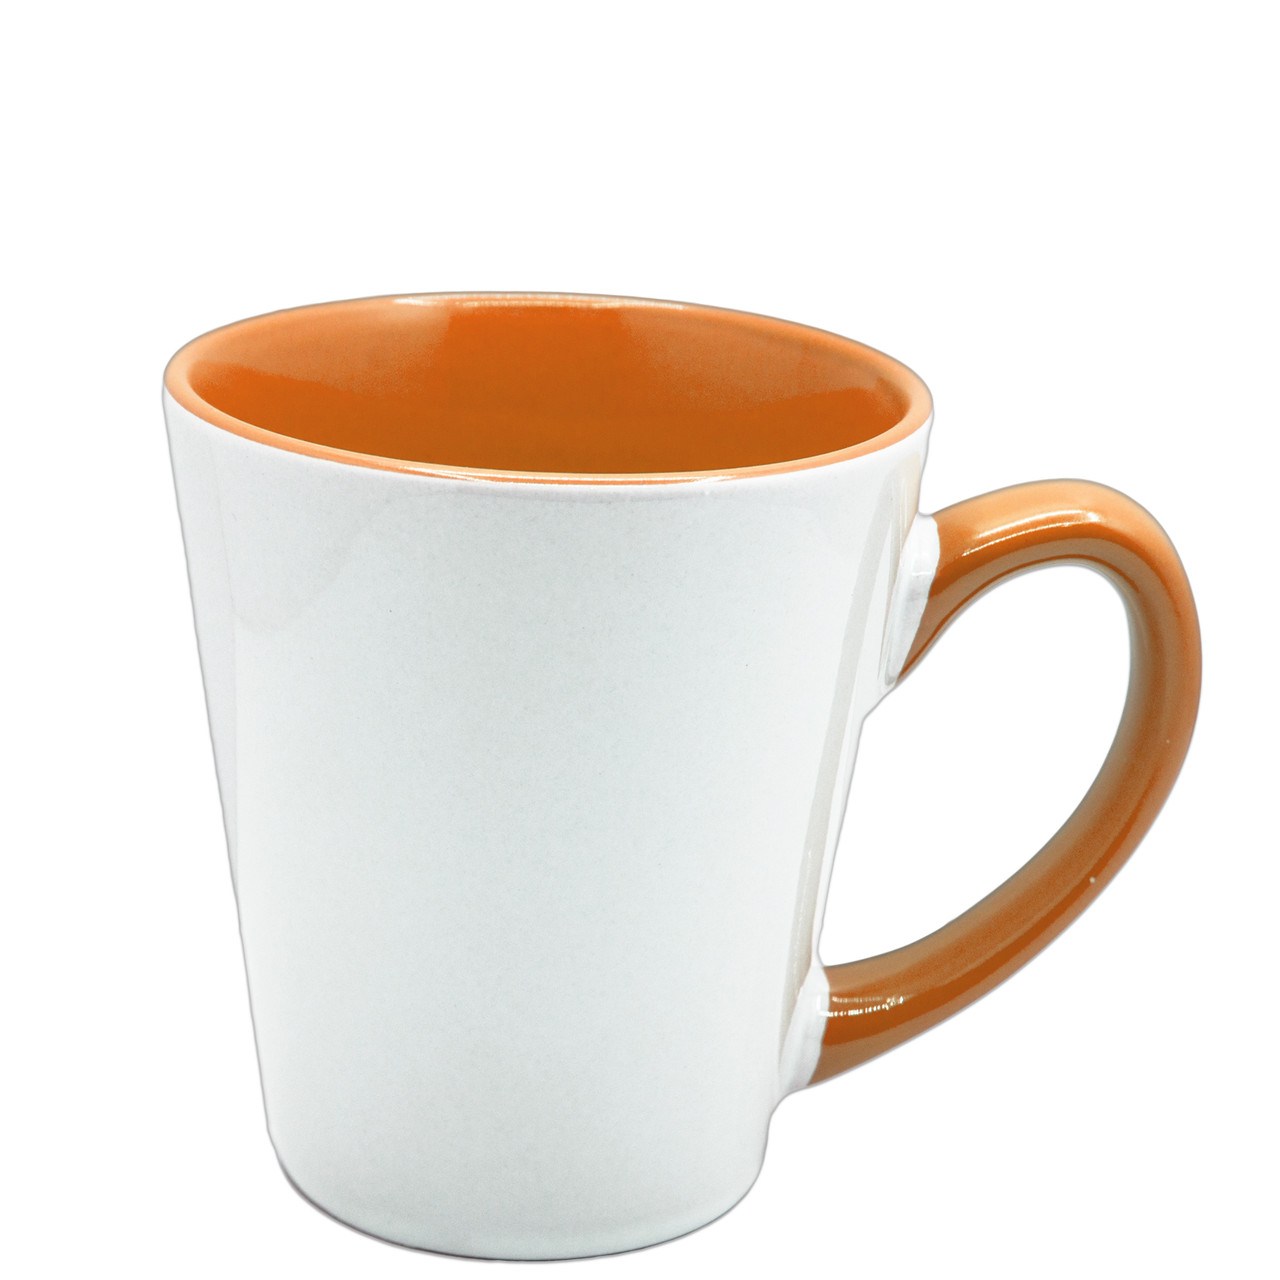 Чашка для сублимации цветная внутри и ручка Latte 350 мл (оранжевый)